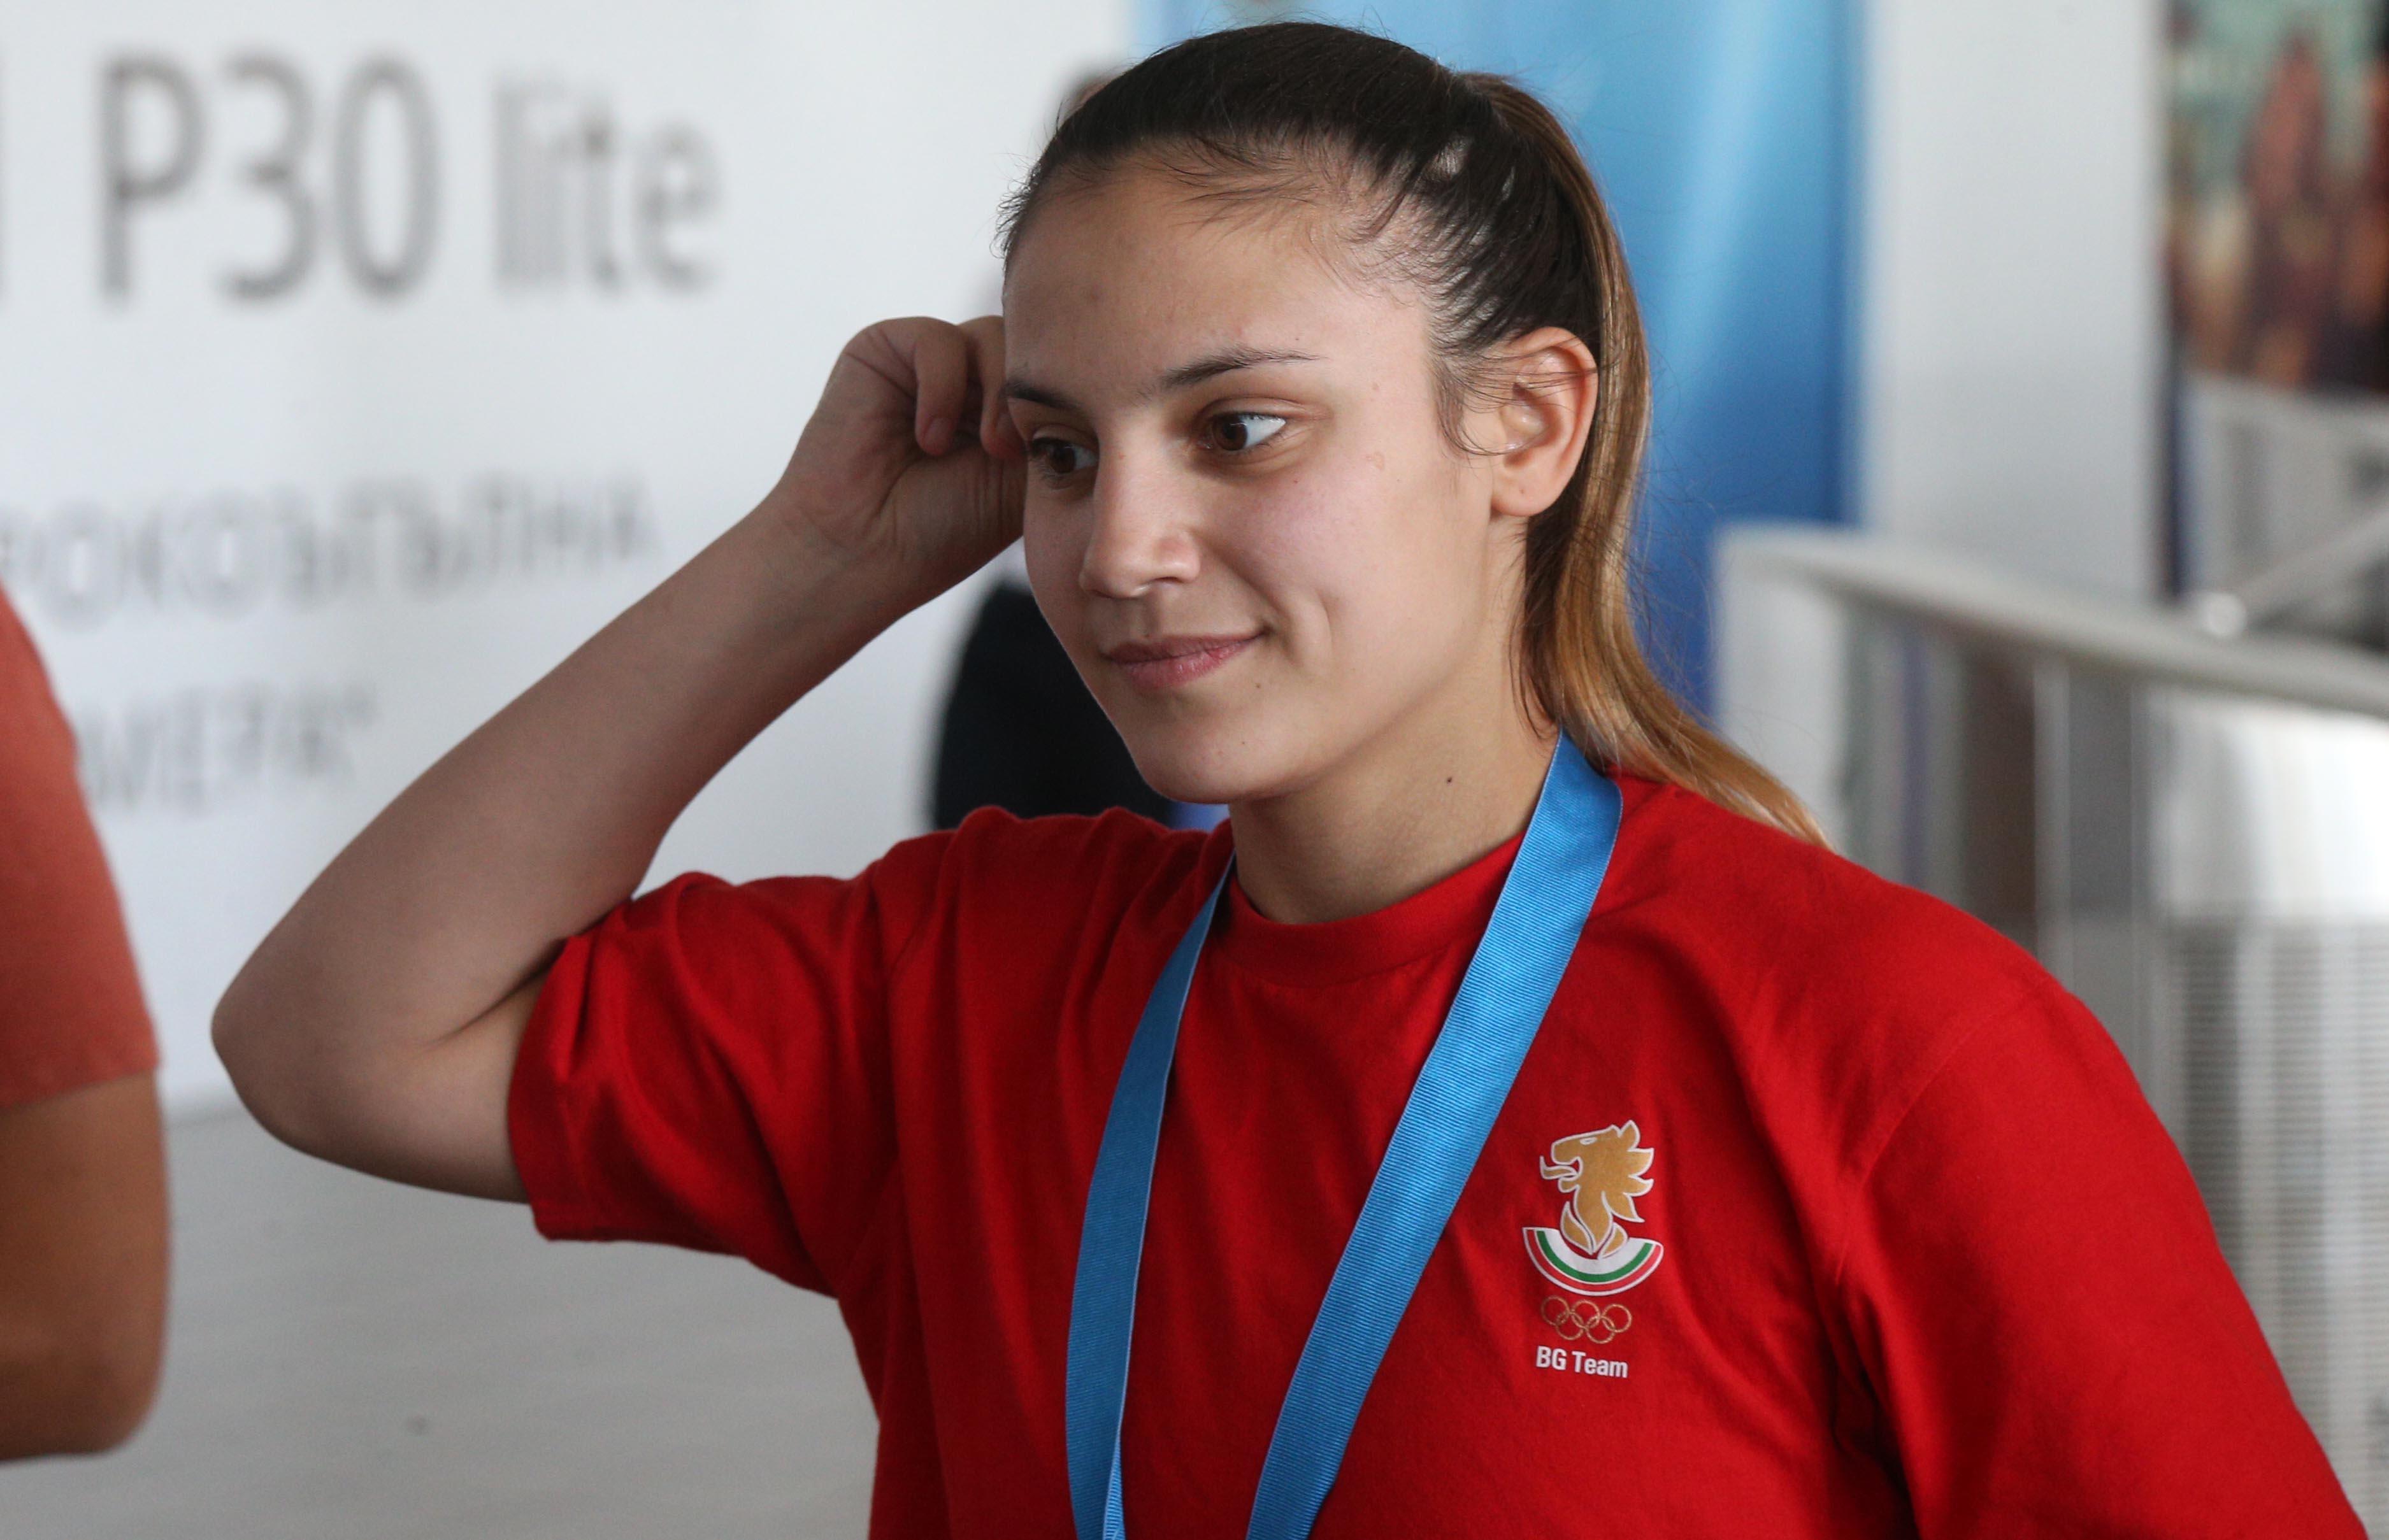 Едно момиче, което прослави българския спорт. Ивет Горанова спечели златен